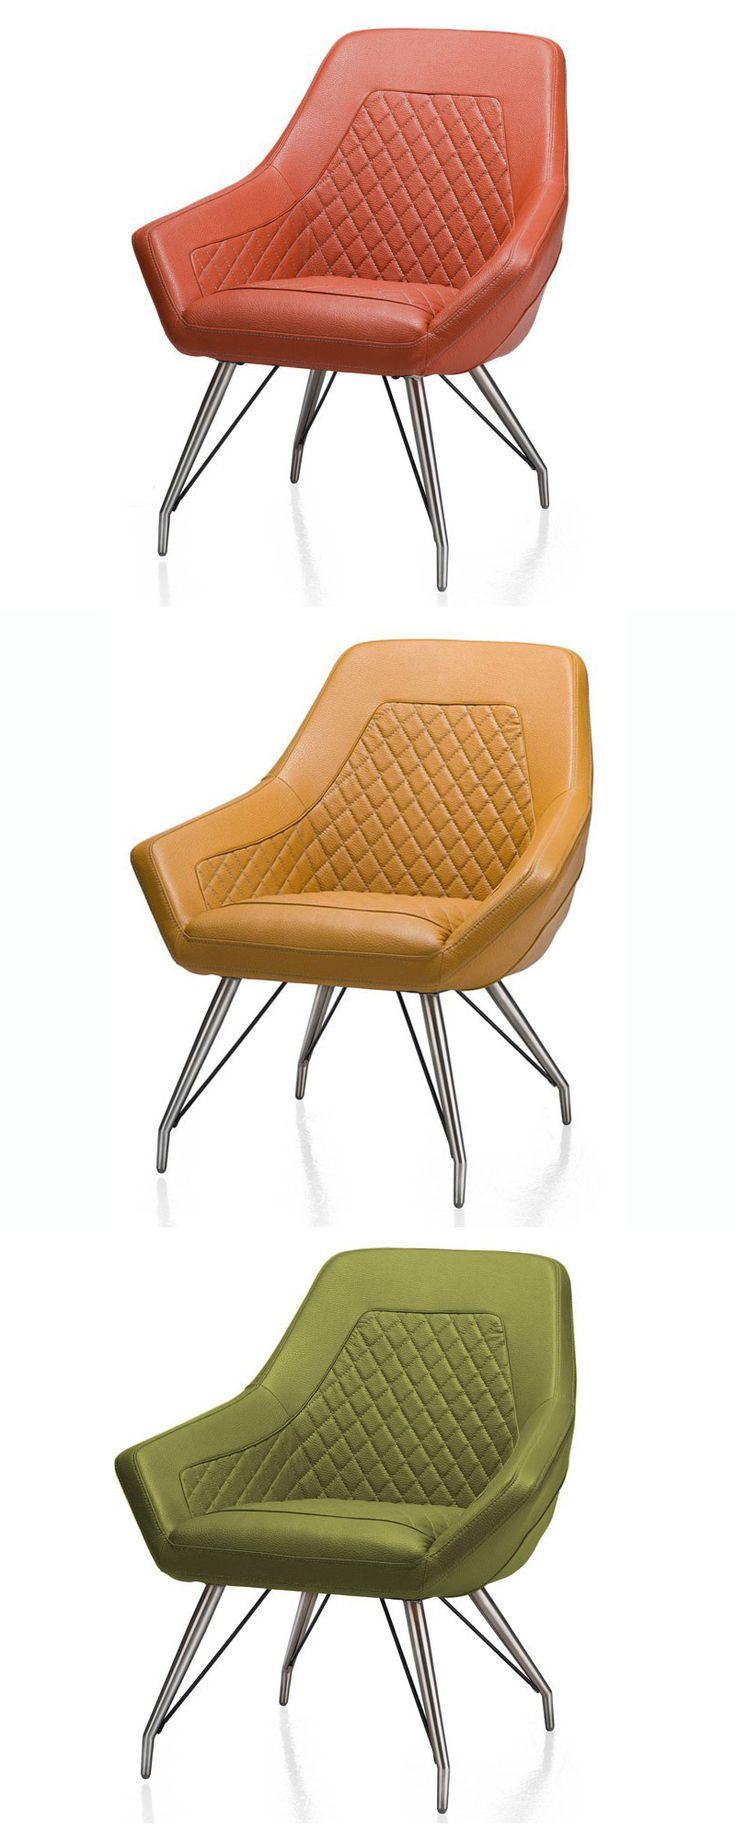 Dieser Sessel Darf In Keinem Haushalt Fehlen. Der Sessel Daimon Von HABUFA  Erscheint Im Eleganten Lederlook Mit Edlem Design Fuß.